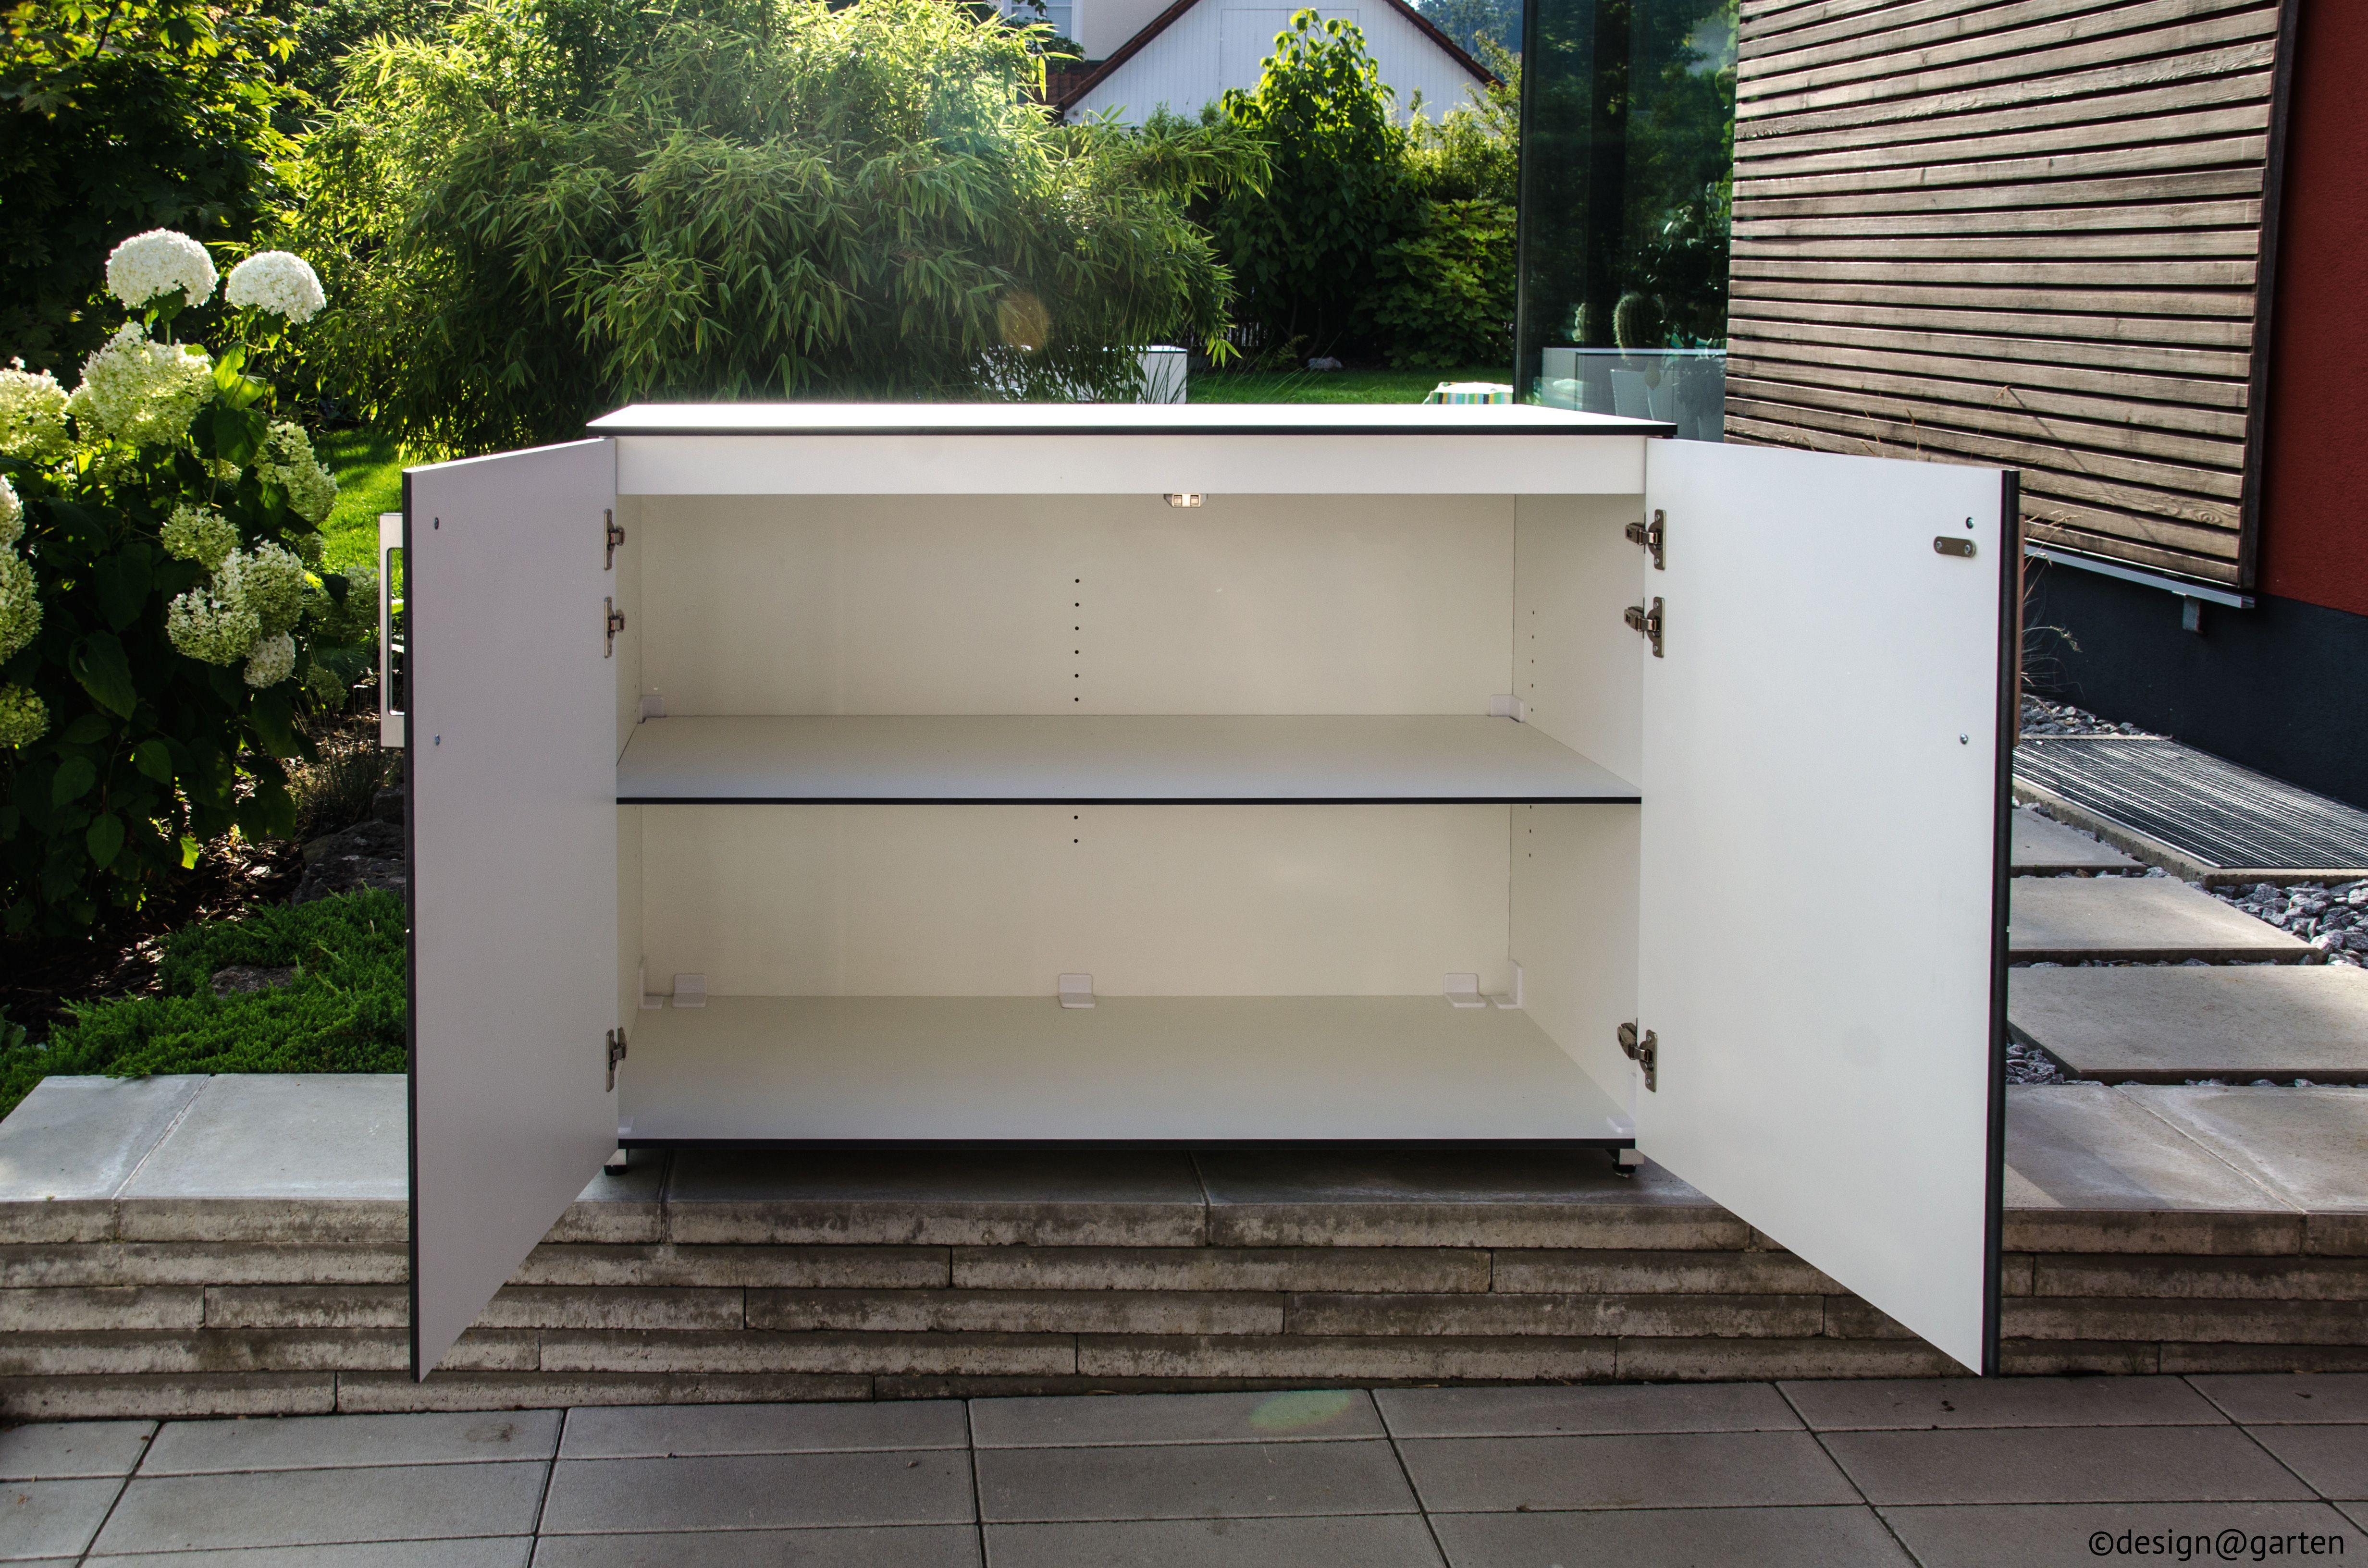 gartenschrank balkonschrank wetterfest regensicher von design arten in aug. Black Bedroom Furniture Sets. Home Design Ideas